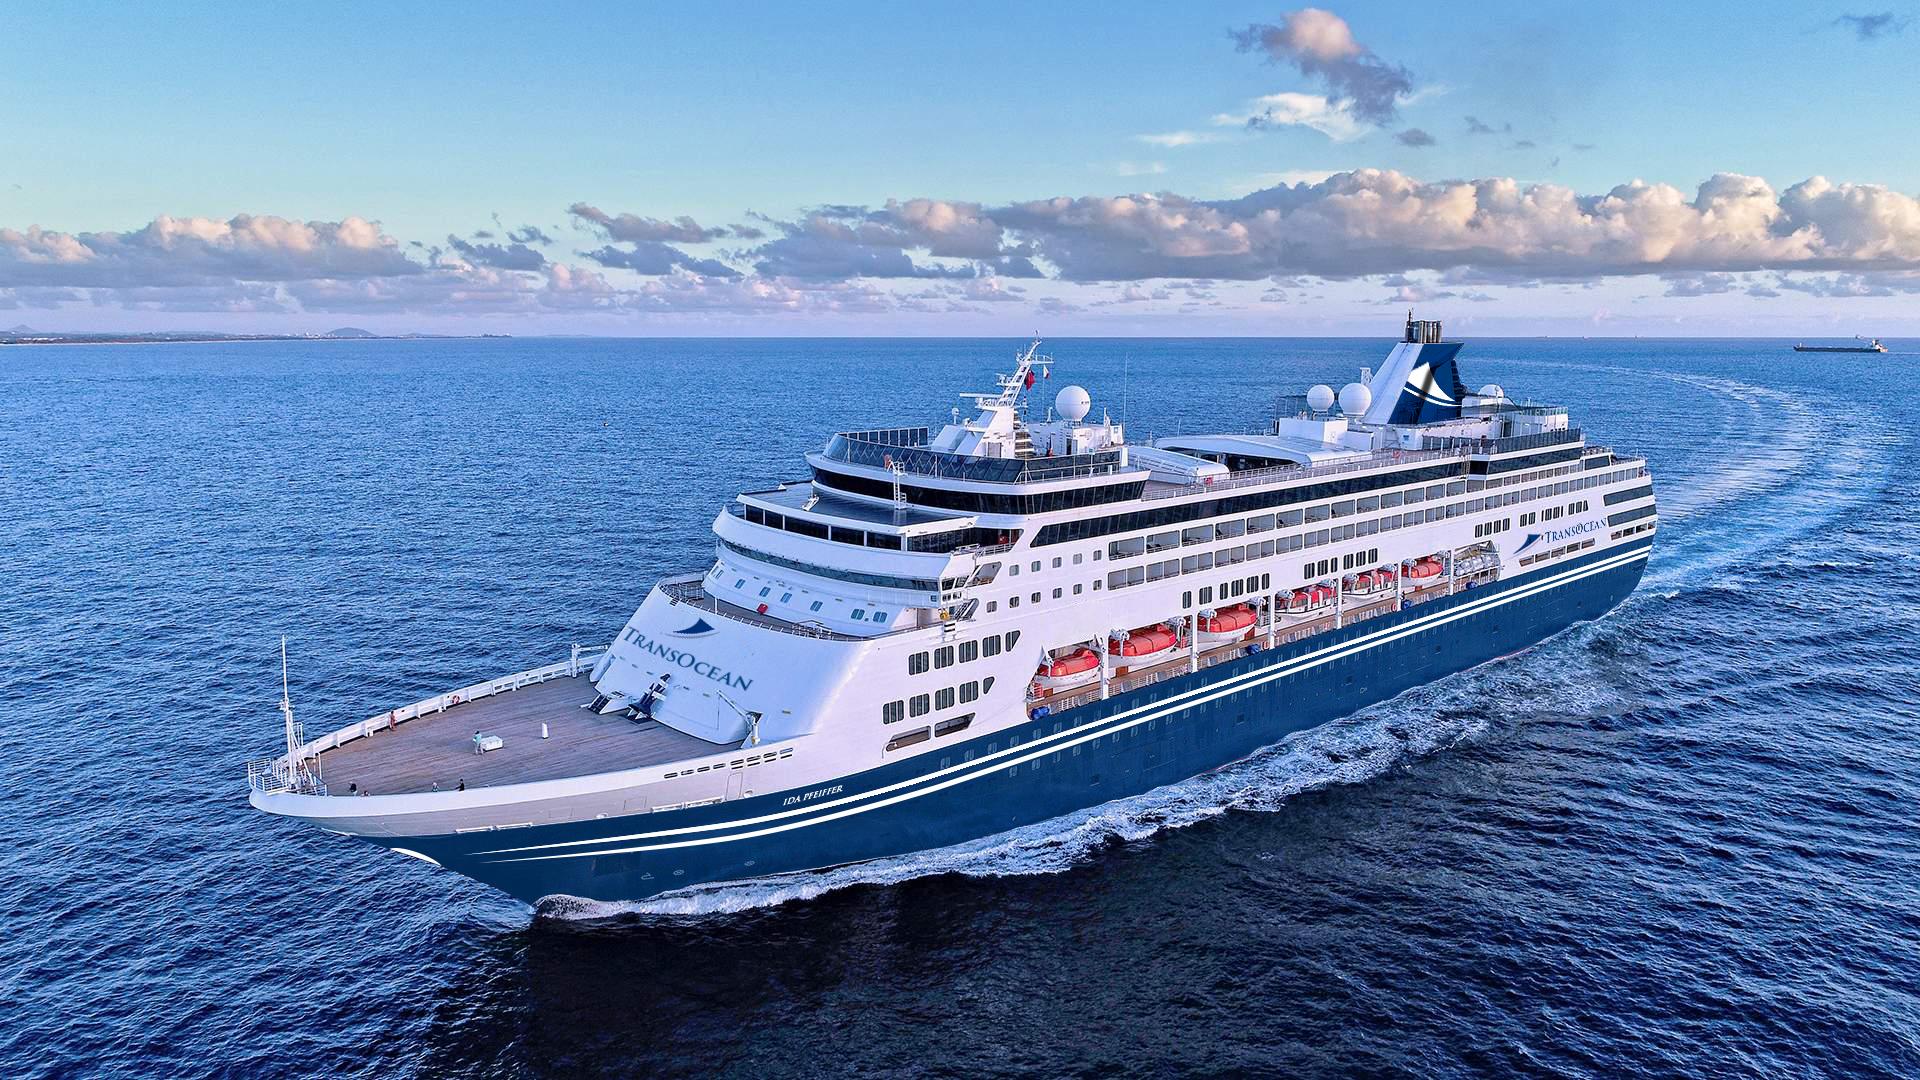 Das neue Schiff von TransOcean Kreuzfahrten, das die Flotte ab Sommer 2021 ergänzt, heißt IDA PFEIFFER, eine Hommage an die österreichische Weltenbummlerin